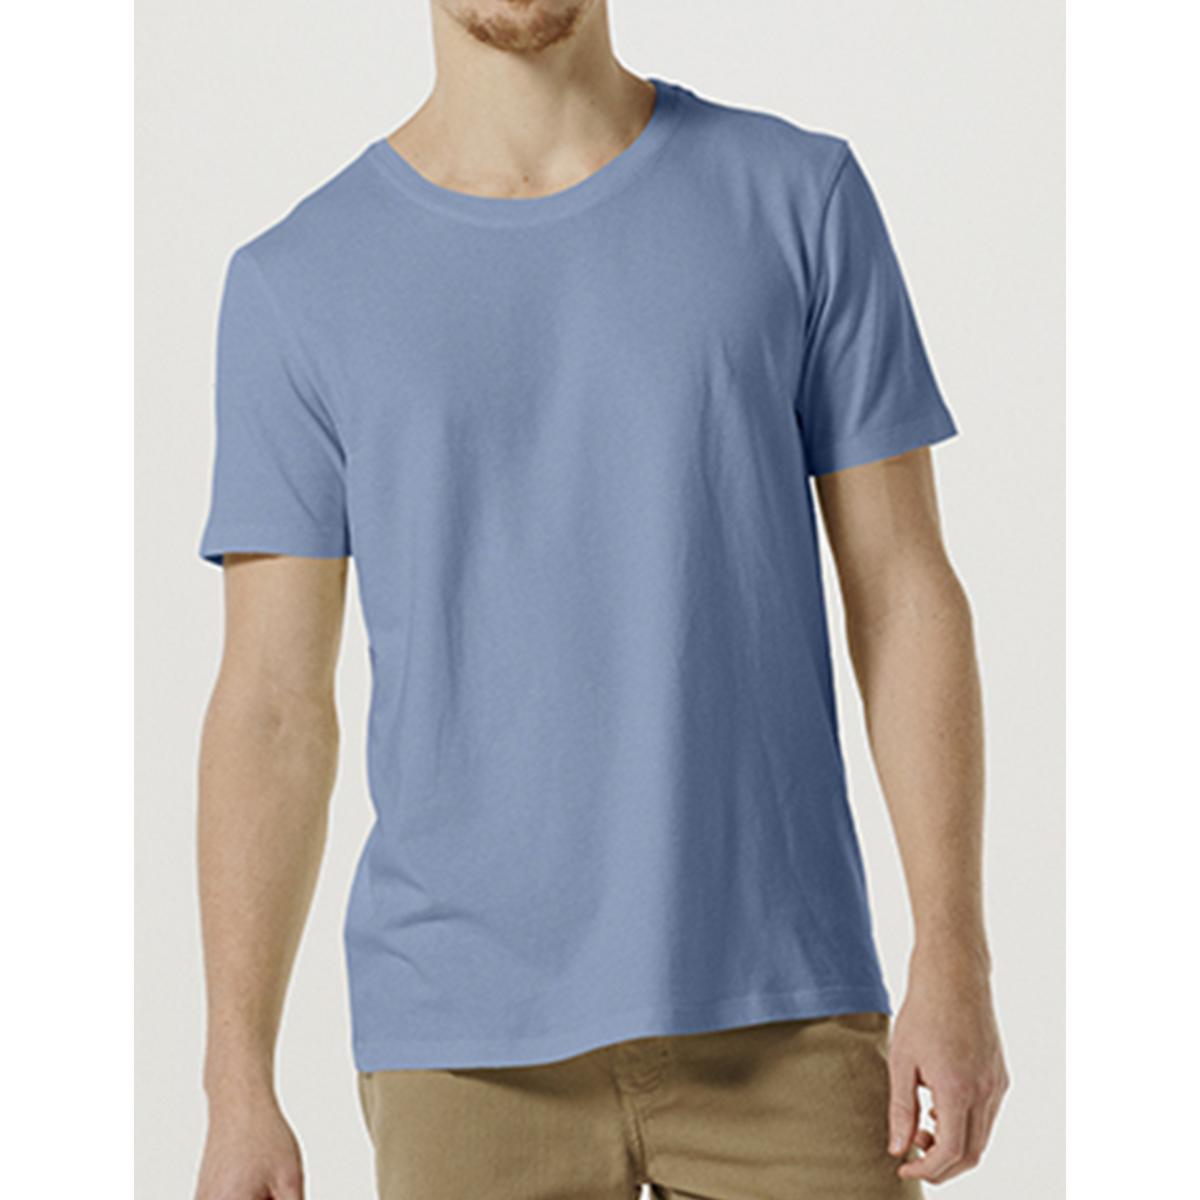 Camiseta Masculina Hering 0201 Az3en Azul